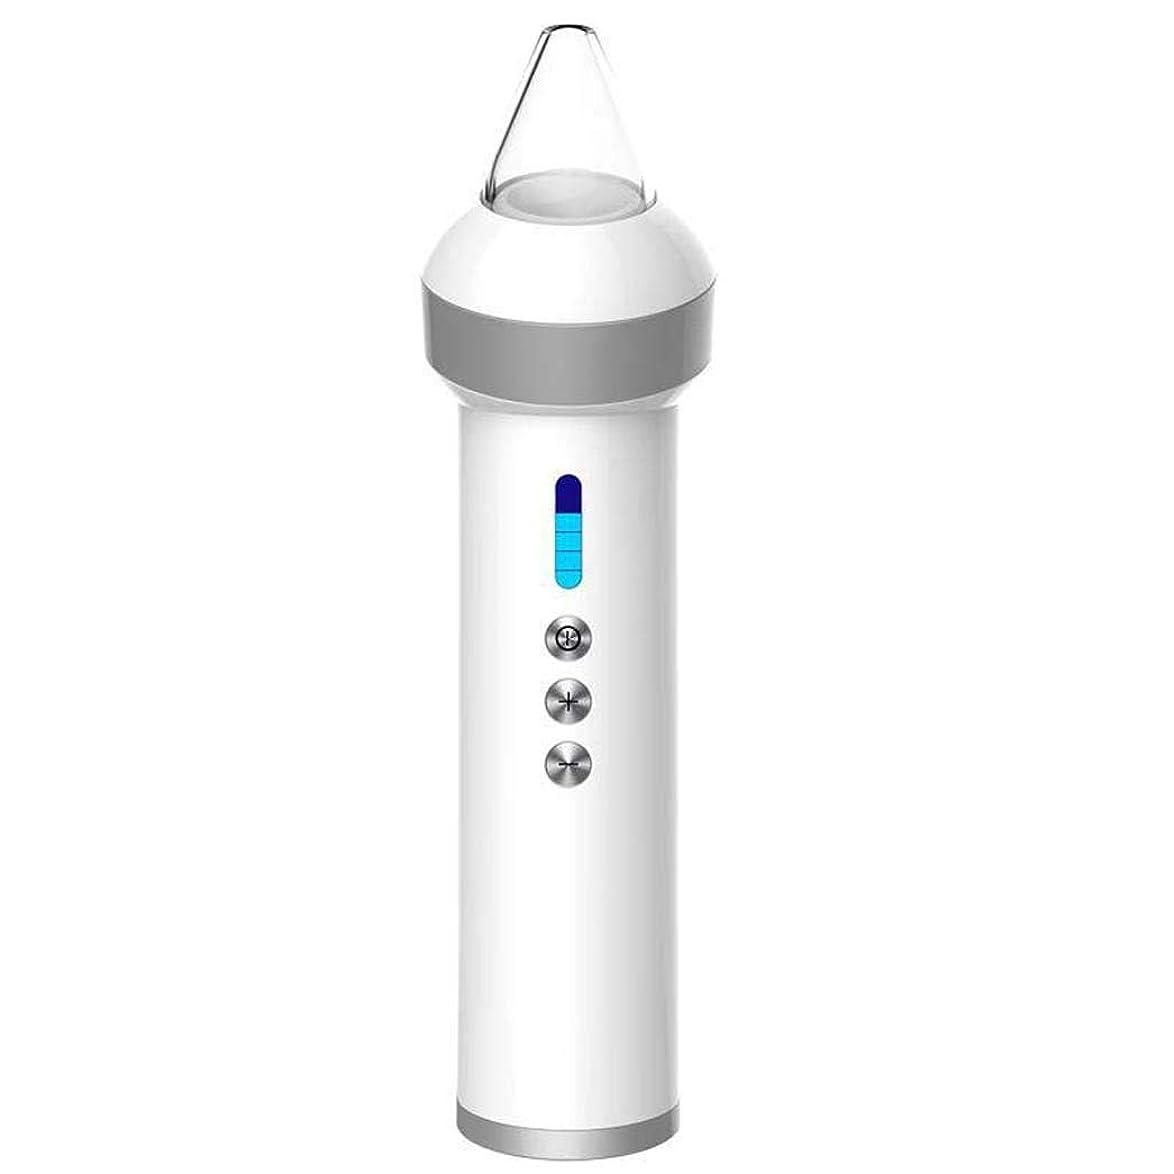 無し供給ターゲット電気にきび楽器電気にきびにきび抽出器USB充電式電気皮膚毛穴クレンザー